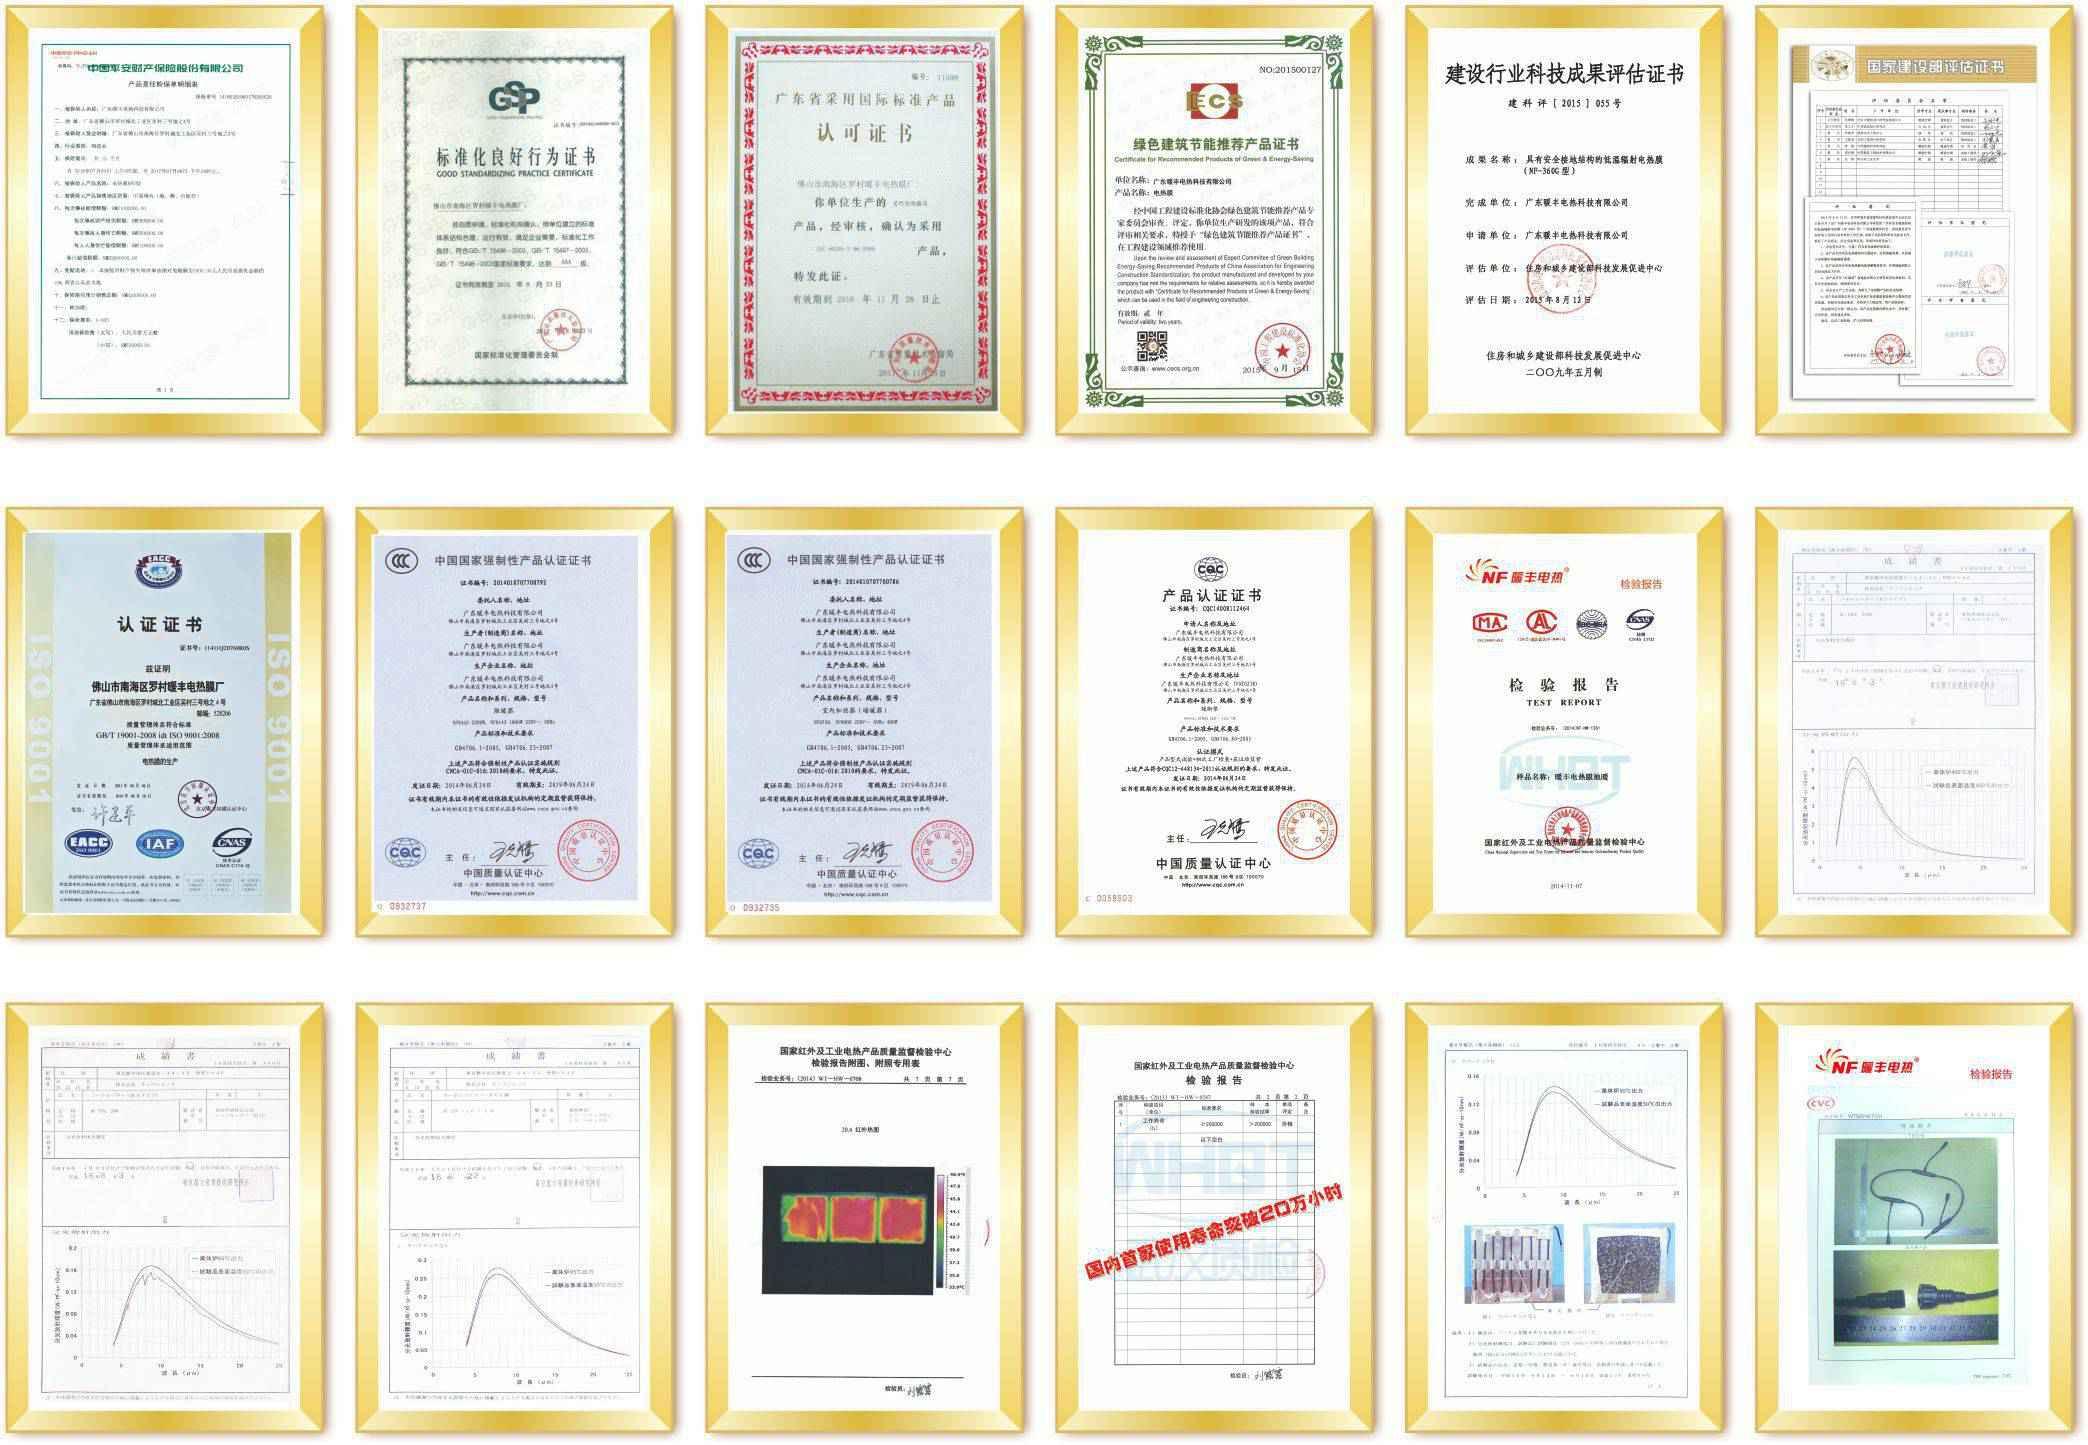 电热膜国内认证